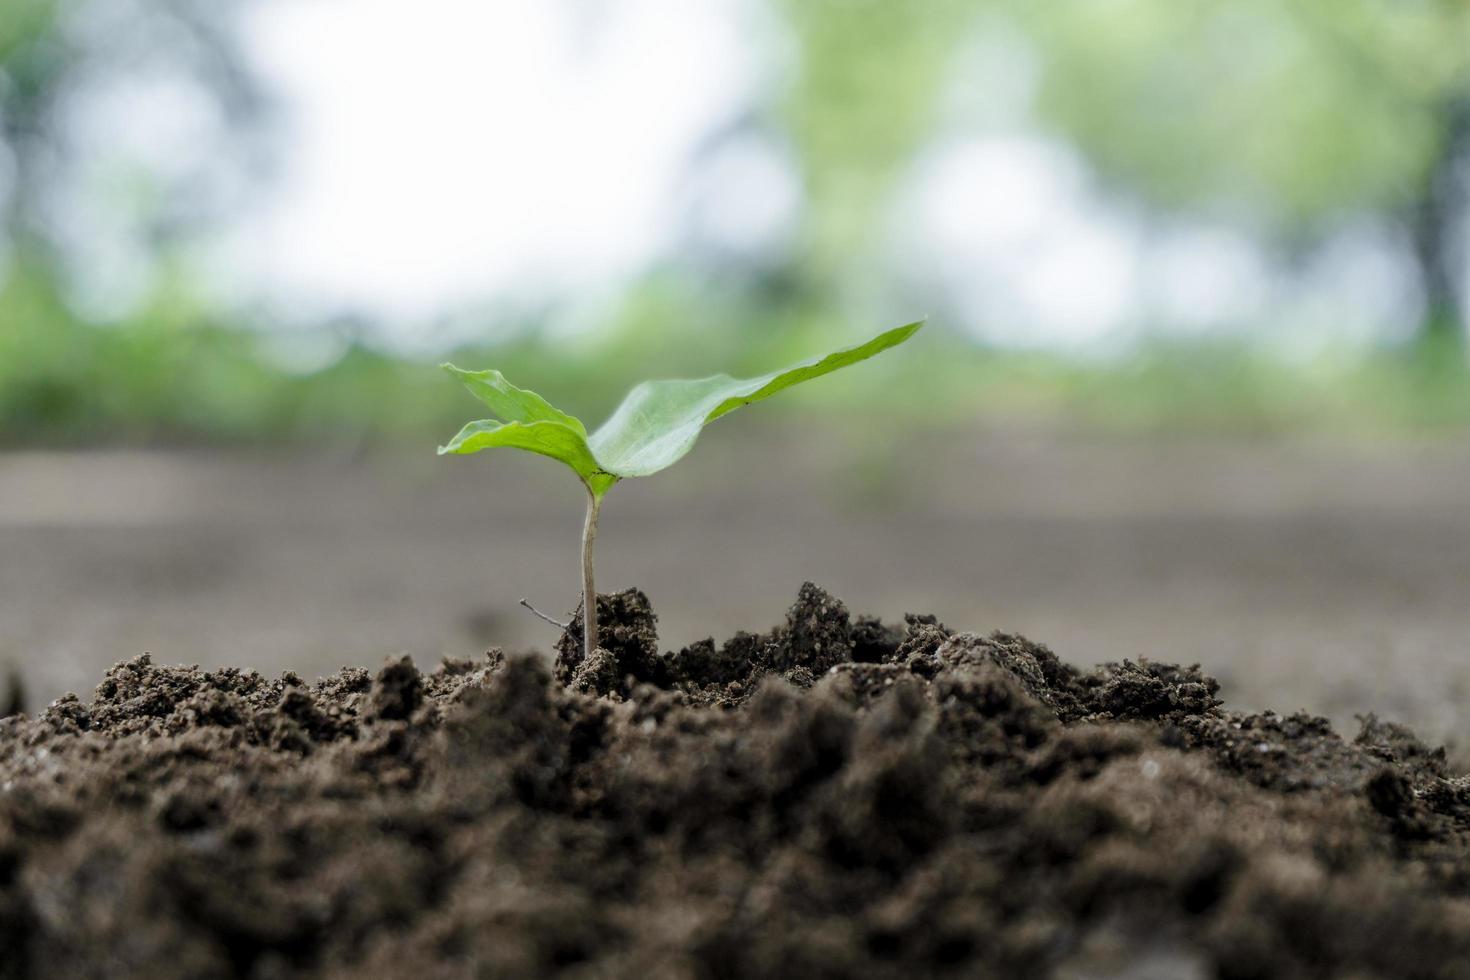 planter des pousses du sol dans le jardin photo